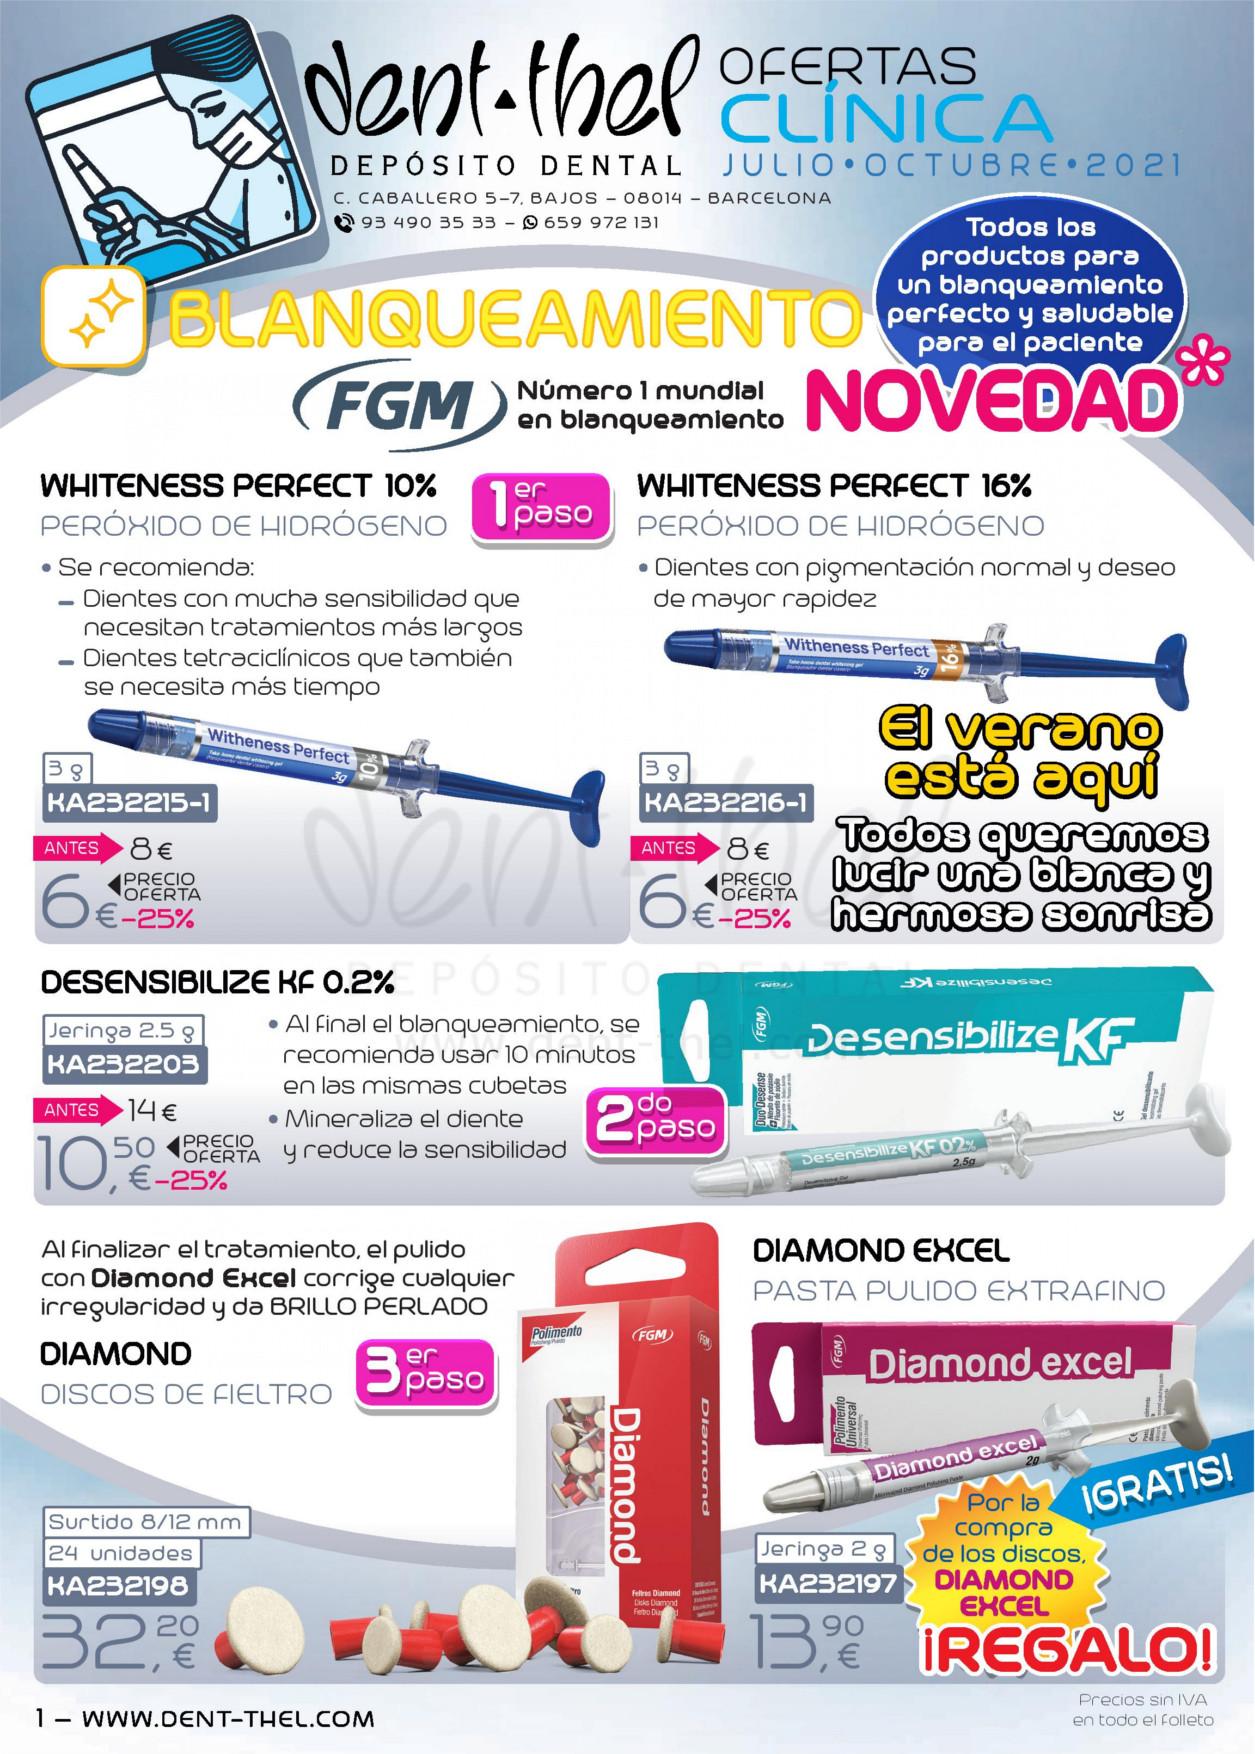 Ofertas Dent-thel para clínica